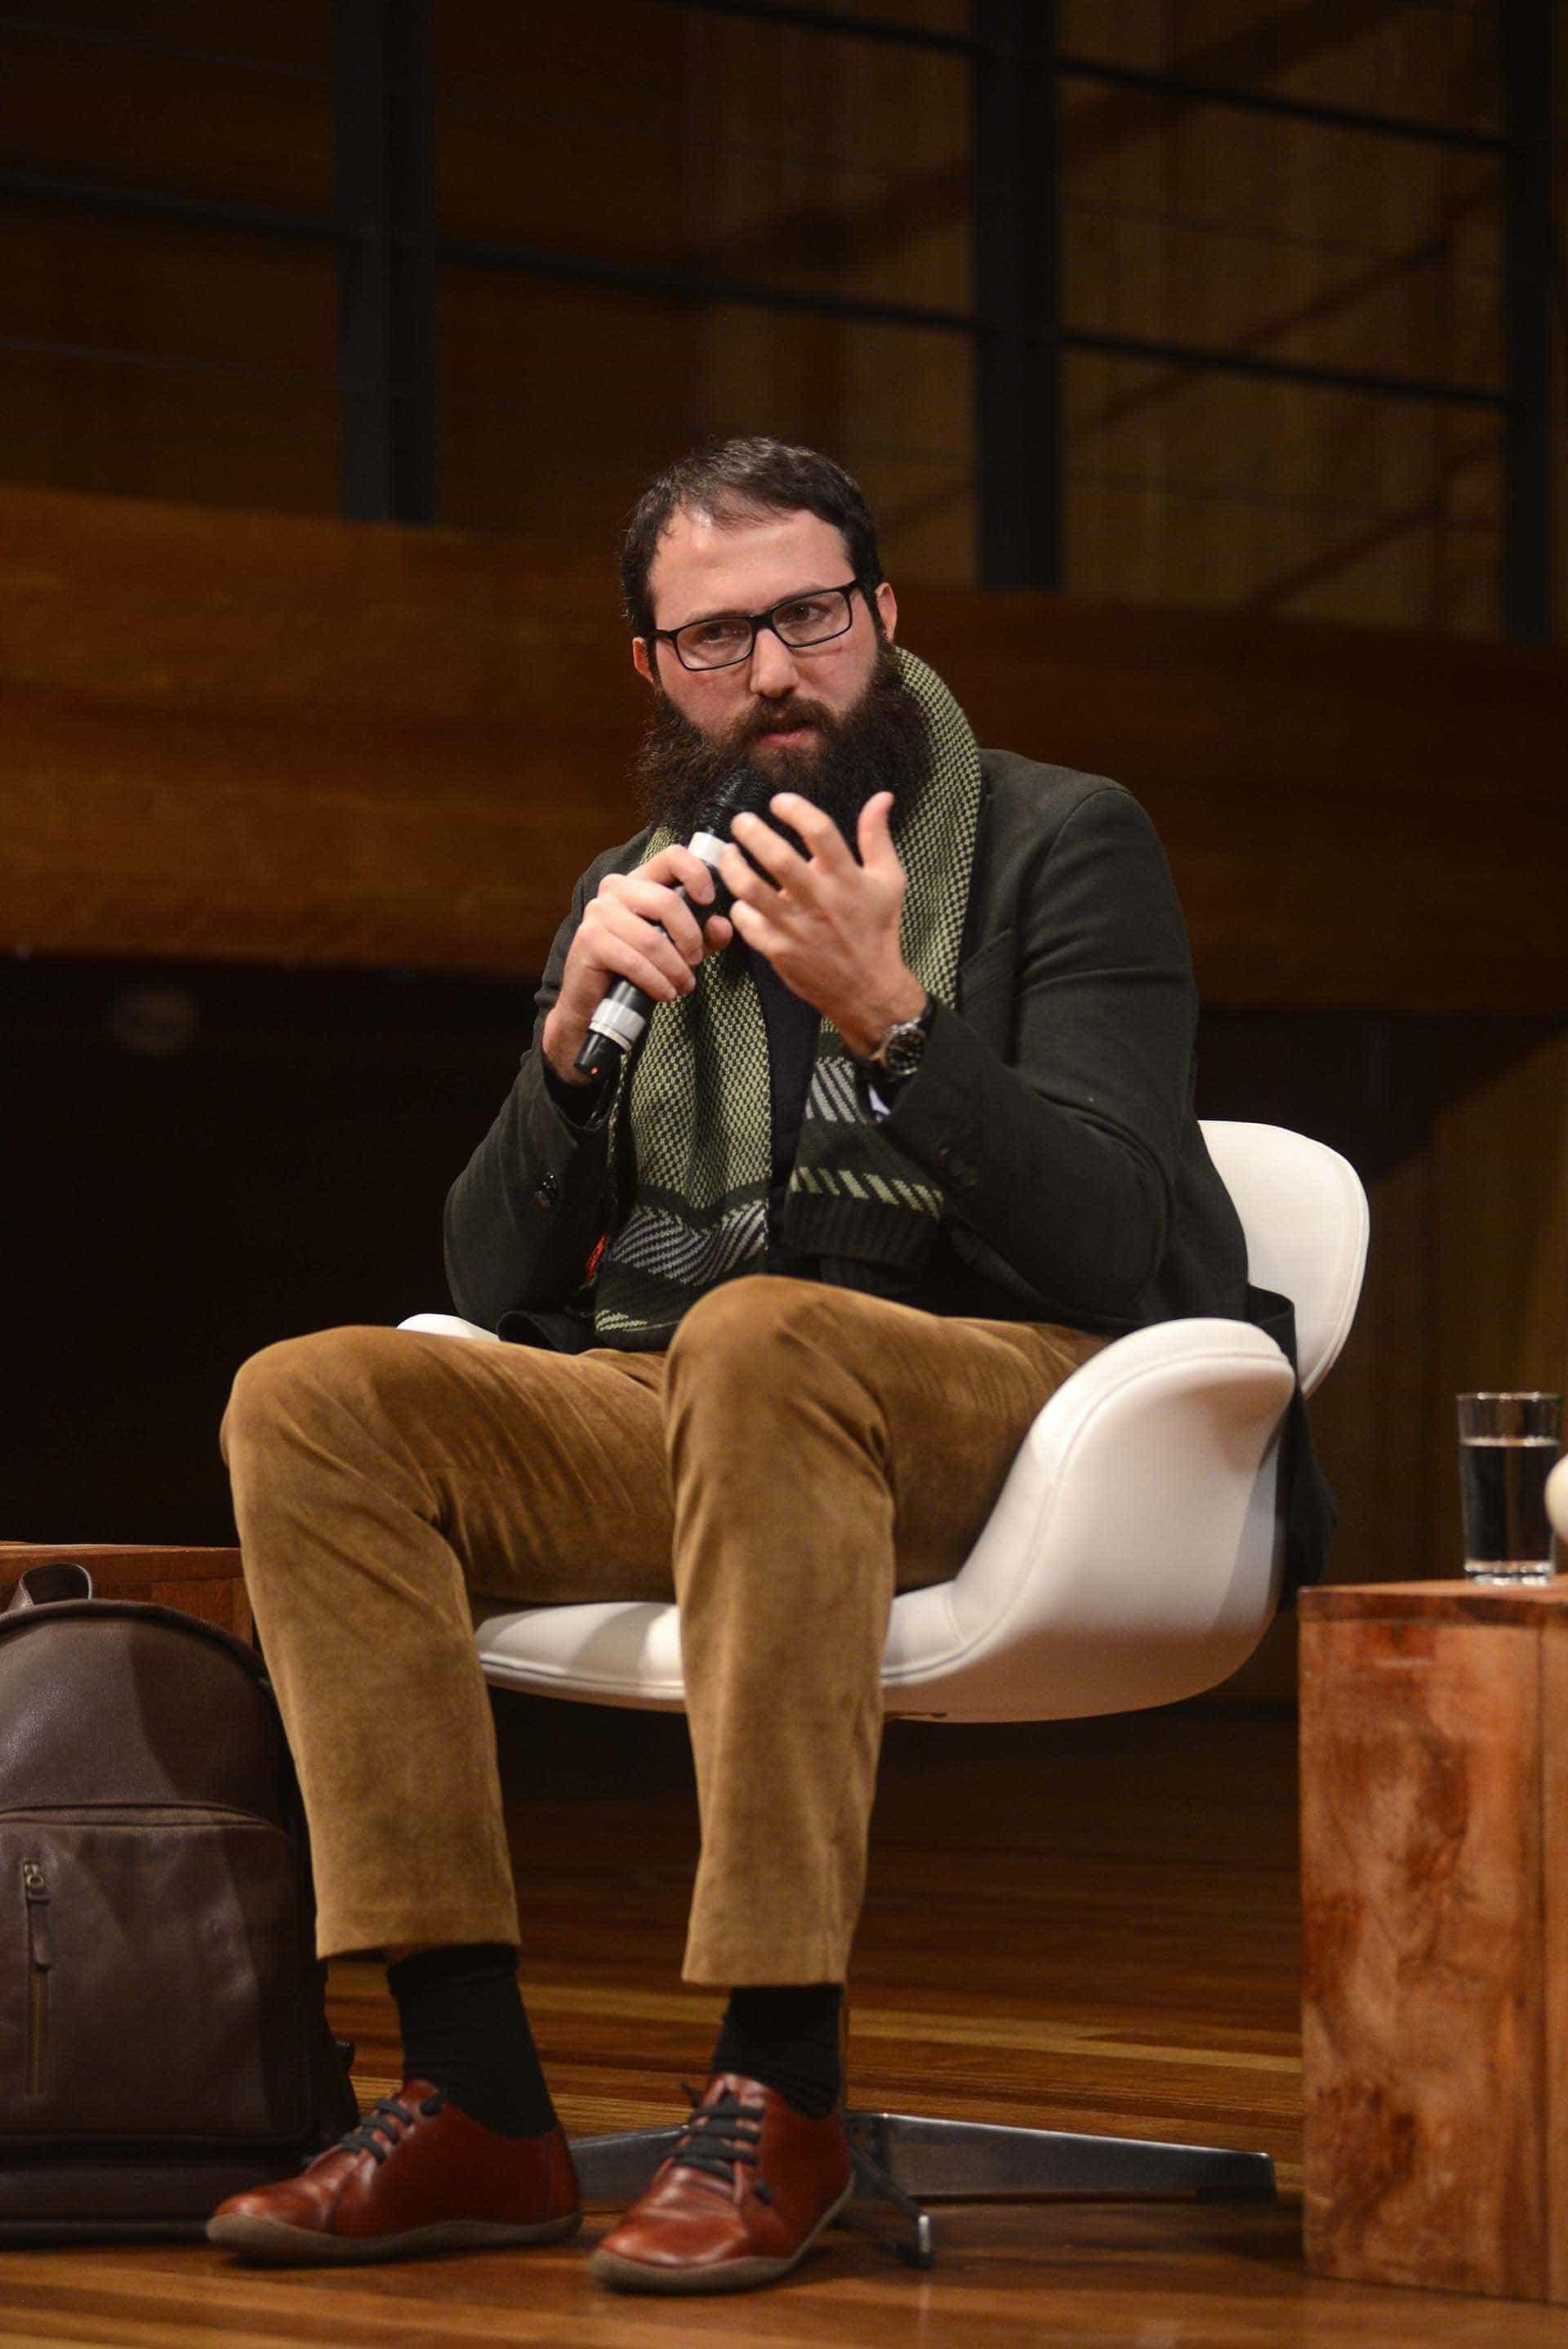 Escritor brasileiro Julián Fuks vence prêmio alemão de novos talentos